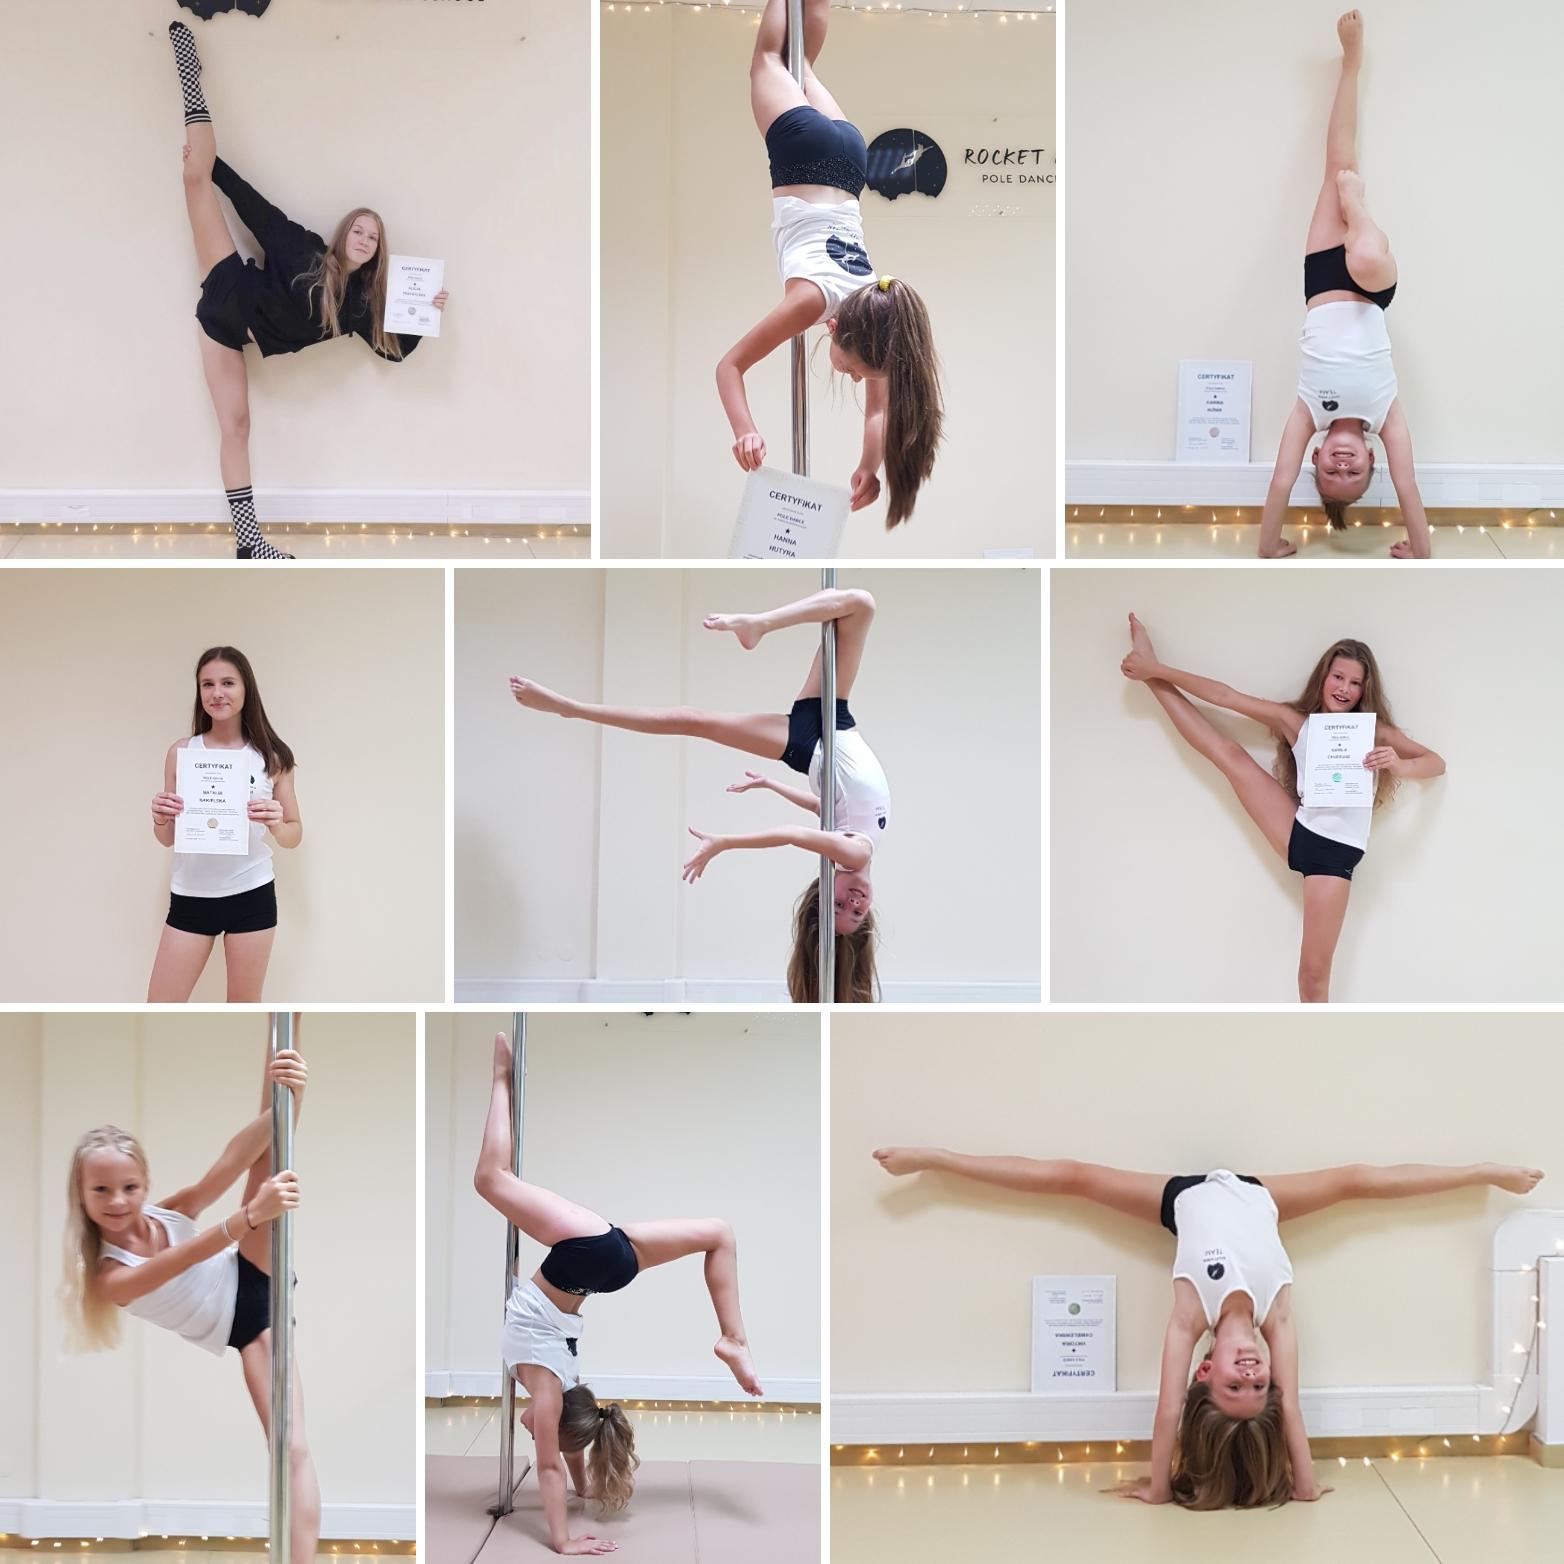 Progress grupy pole dance kids and young na poziom średnio zaawansowany 😊